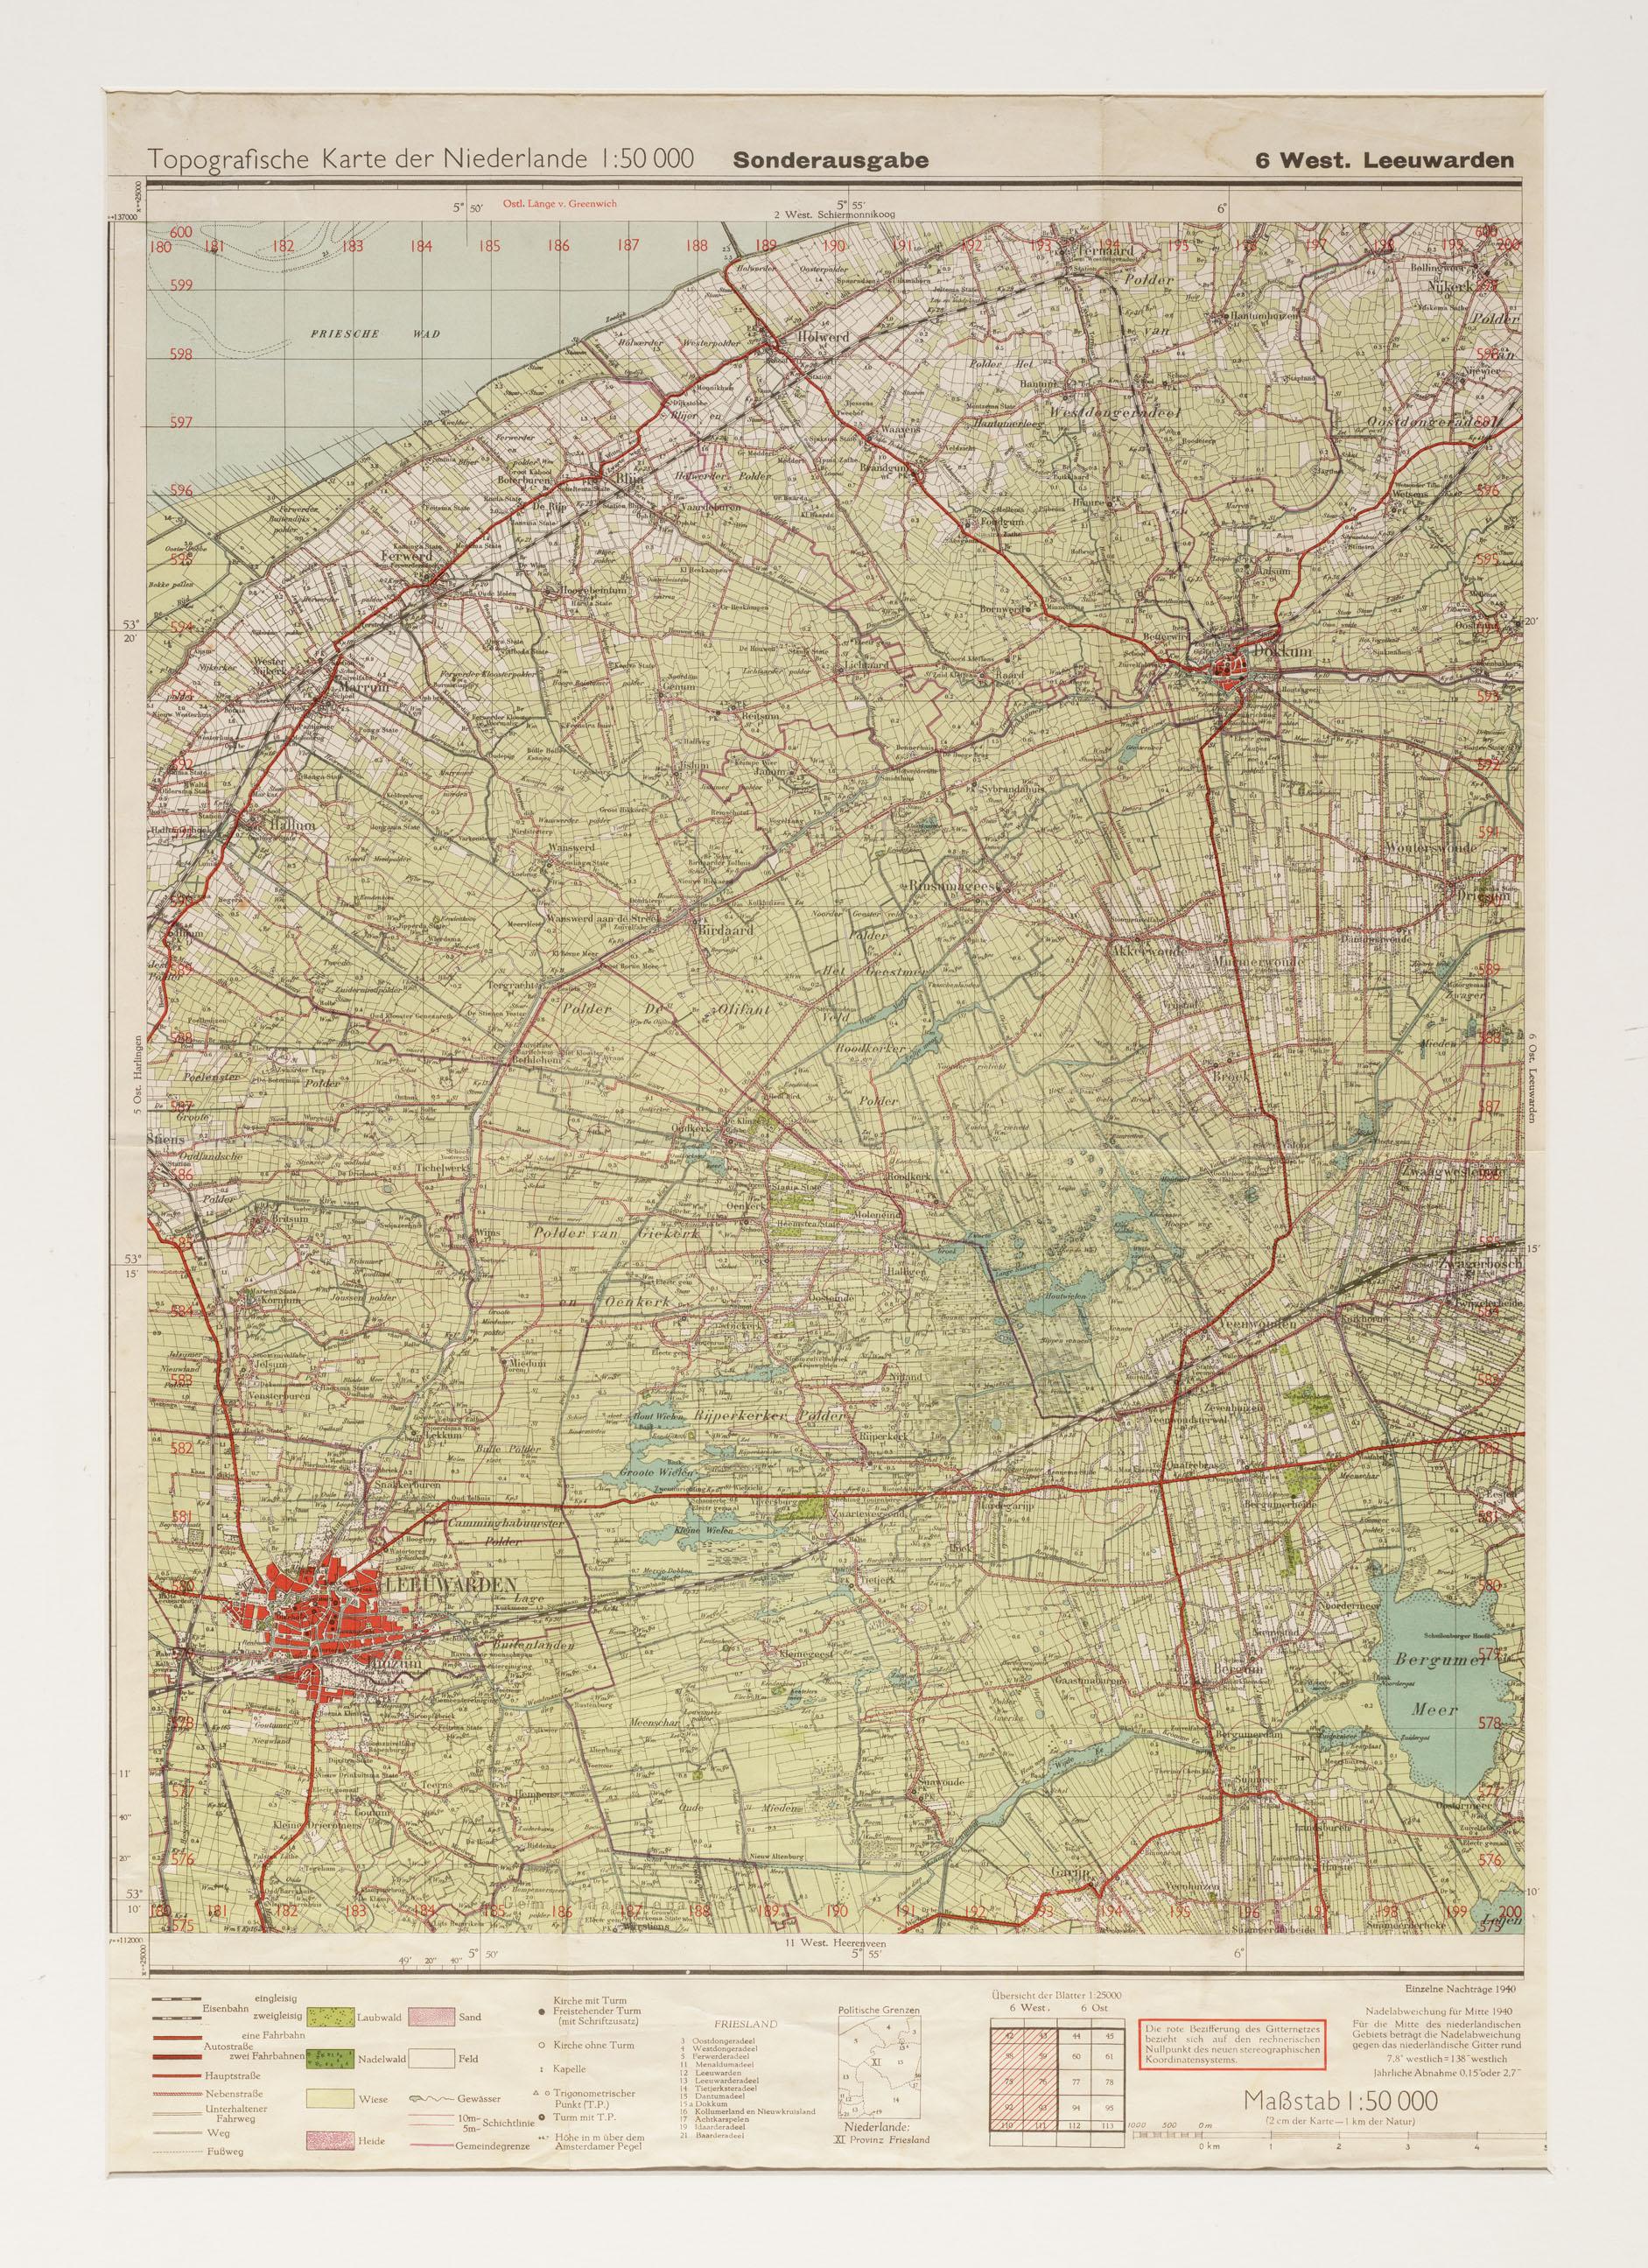 Kaart van de noord friesland tussen leeuwarden en dokkum het geheugen van nederland online - Kaart evenwicht tussen werk en ...